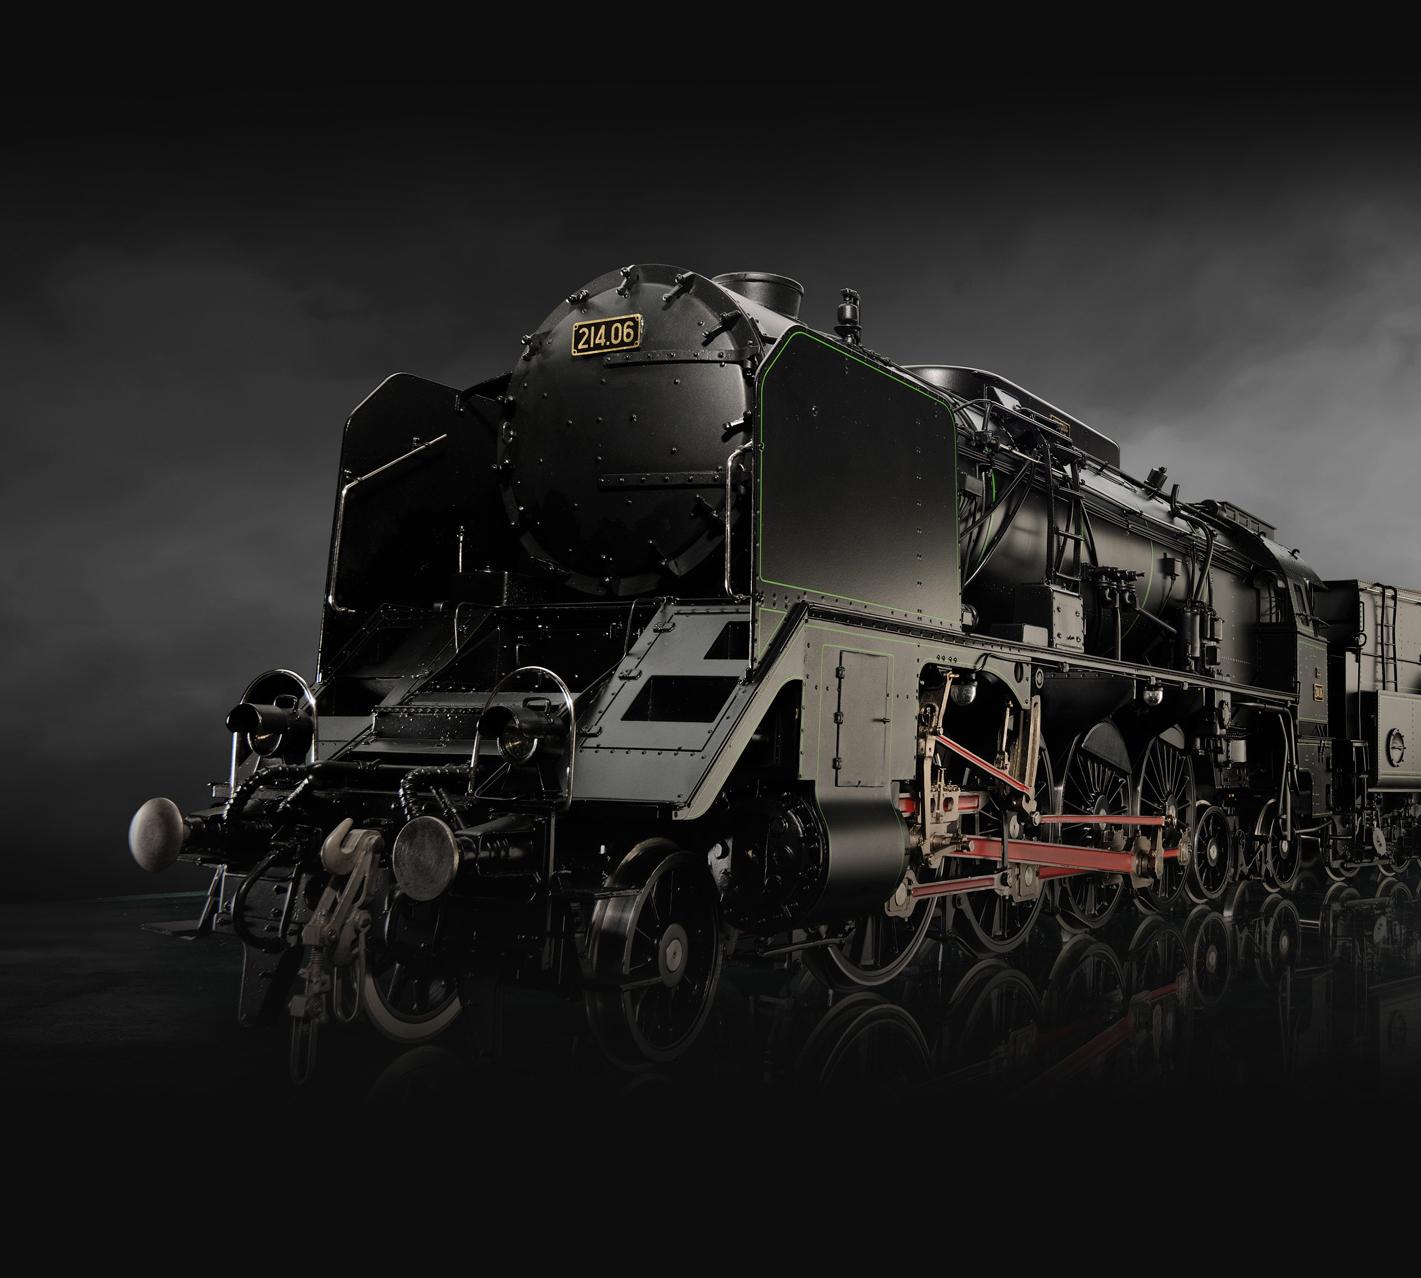 Locomotive_Header_sqaure.jpg